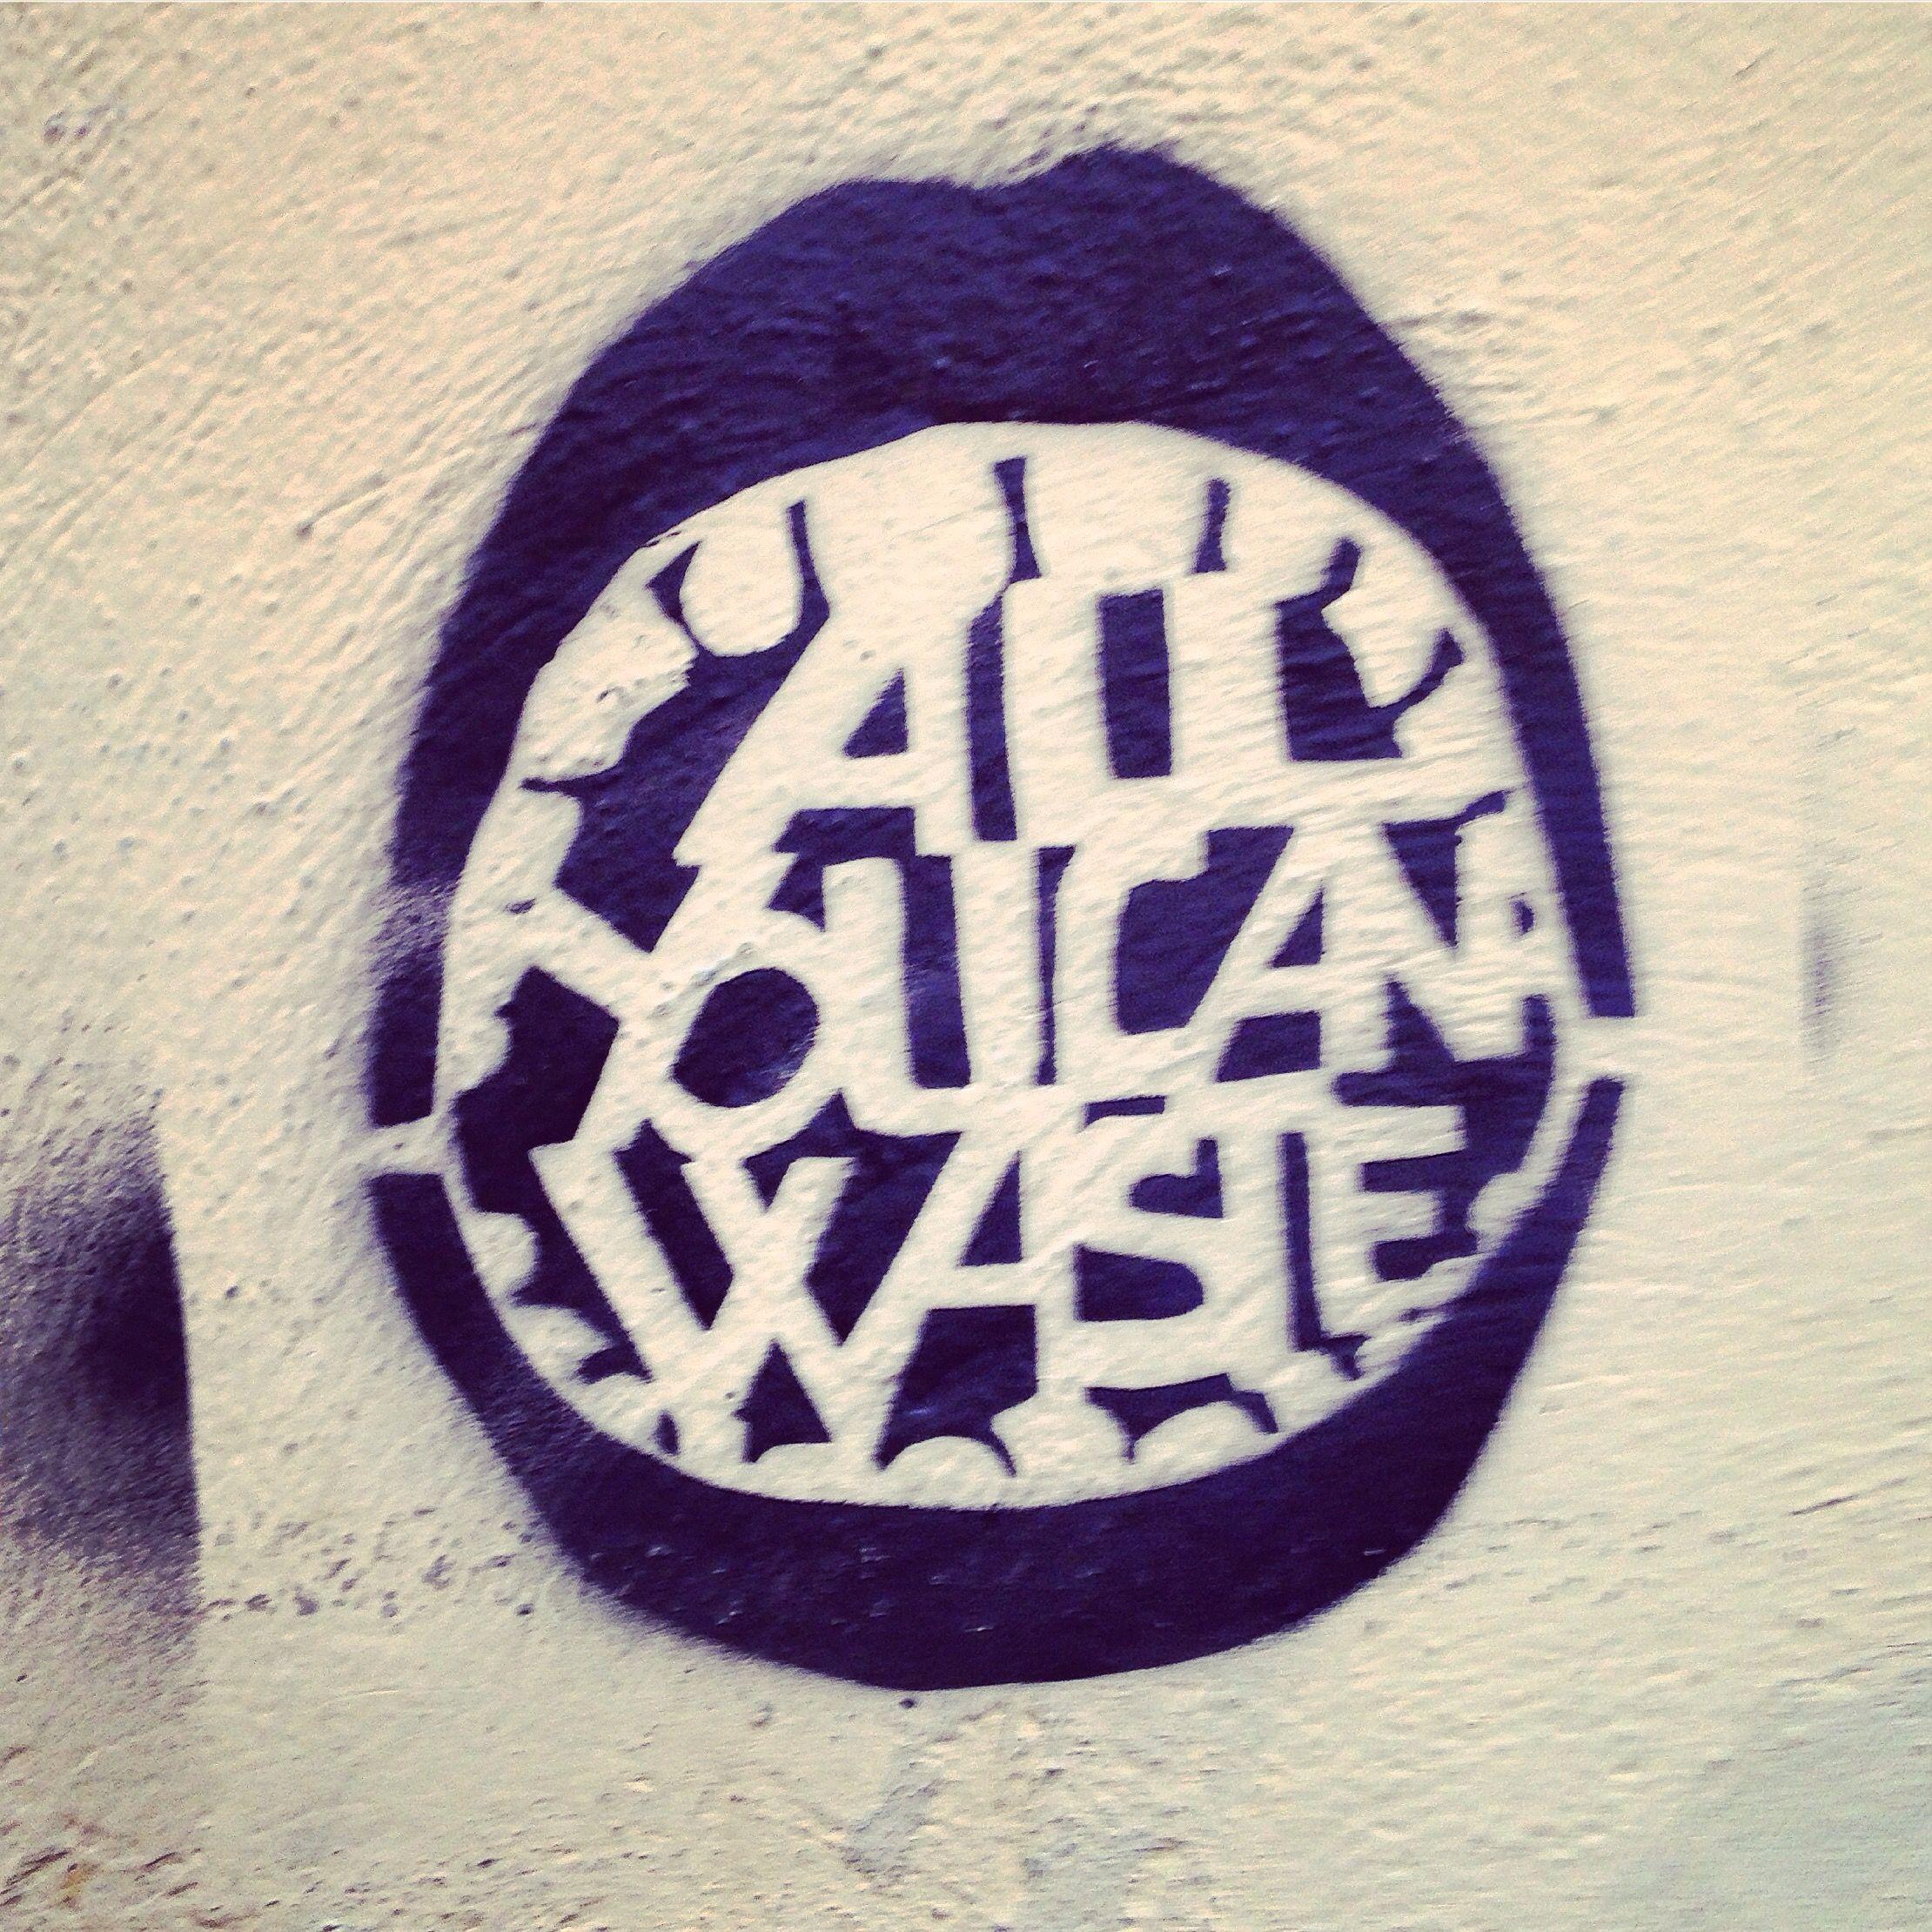 street art / talking walls in florence #stencil  https://morgatta.wordpress.com/2015/01/13/around-the-walls/